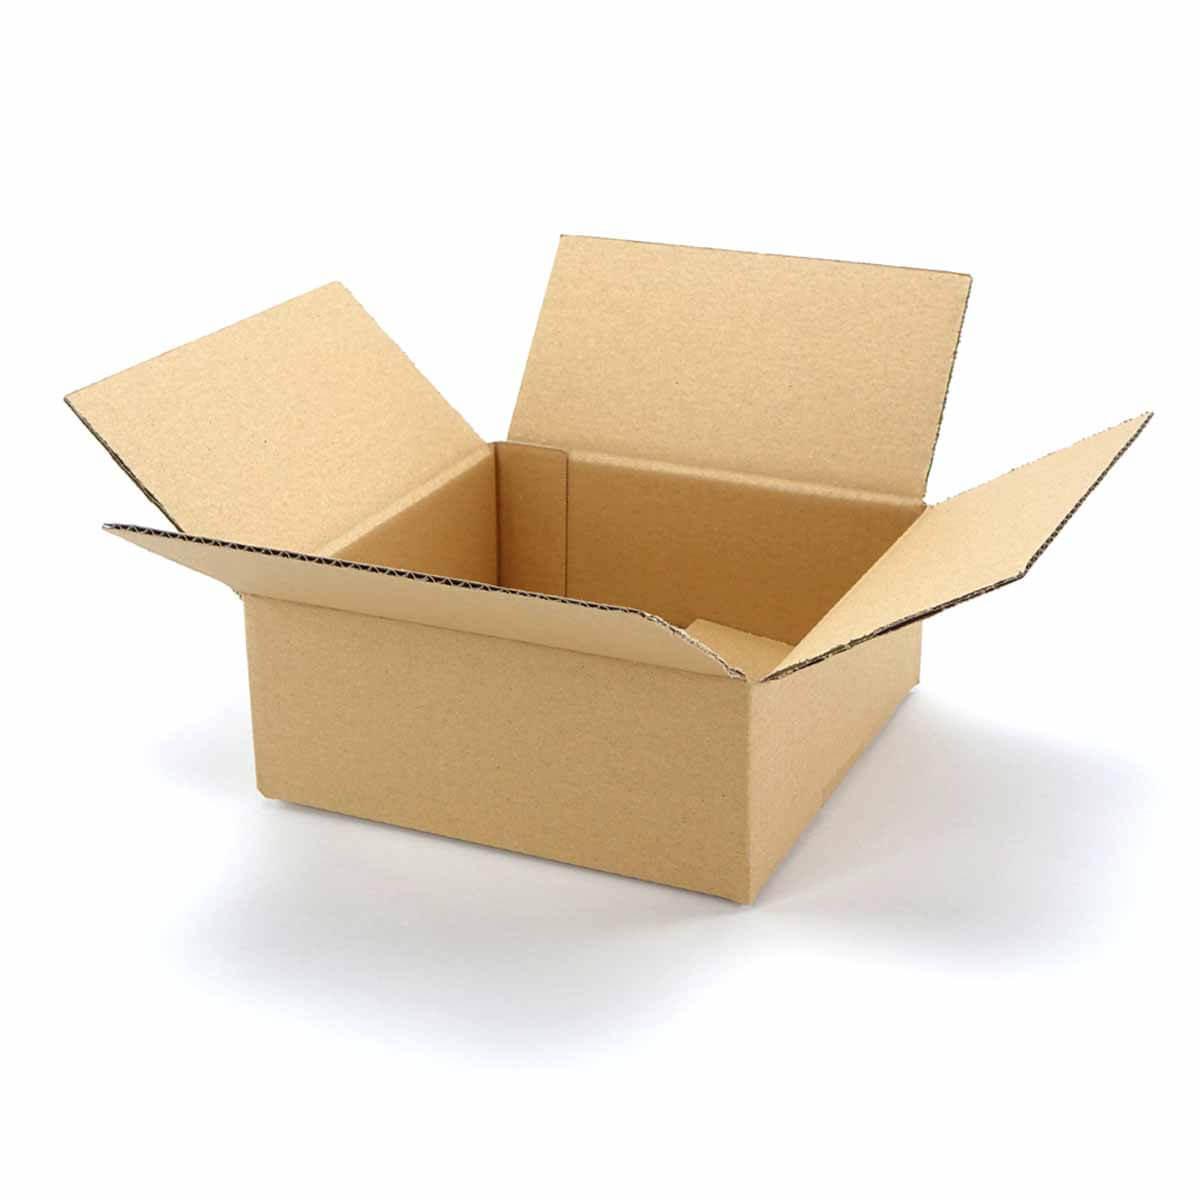 faltkartons 200 x 200 x 80 mm 1 wellig. Black Bedroom Furniture Sets. Home Design Ideas